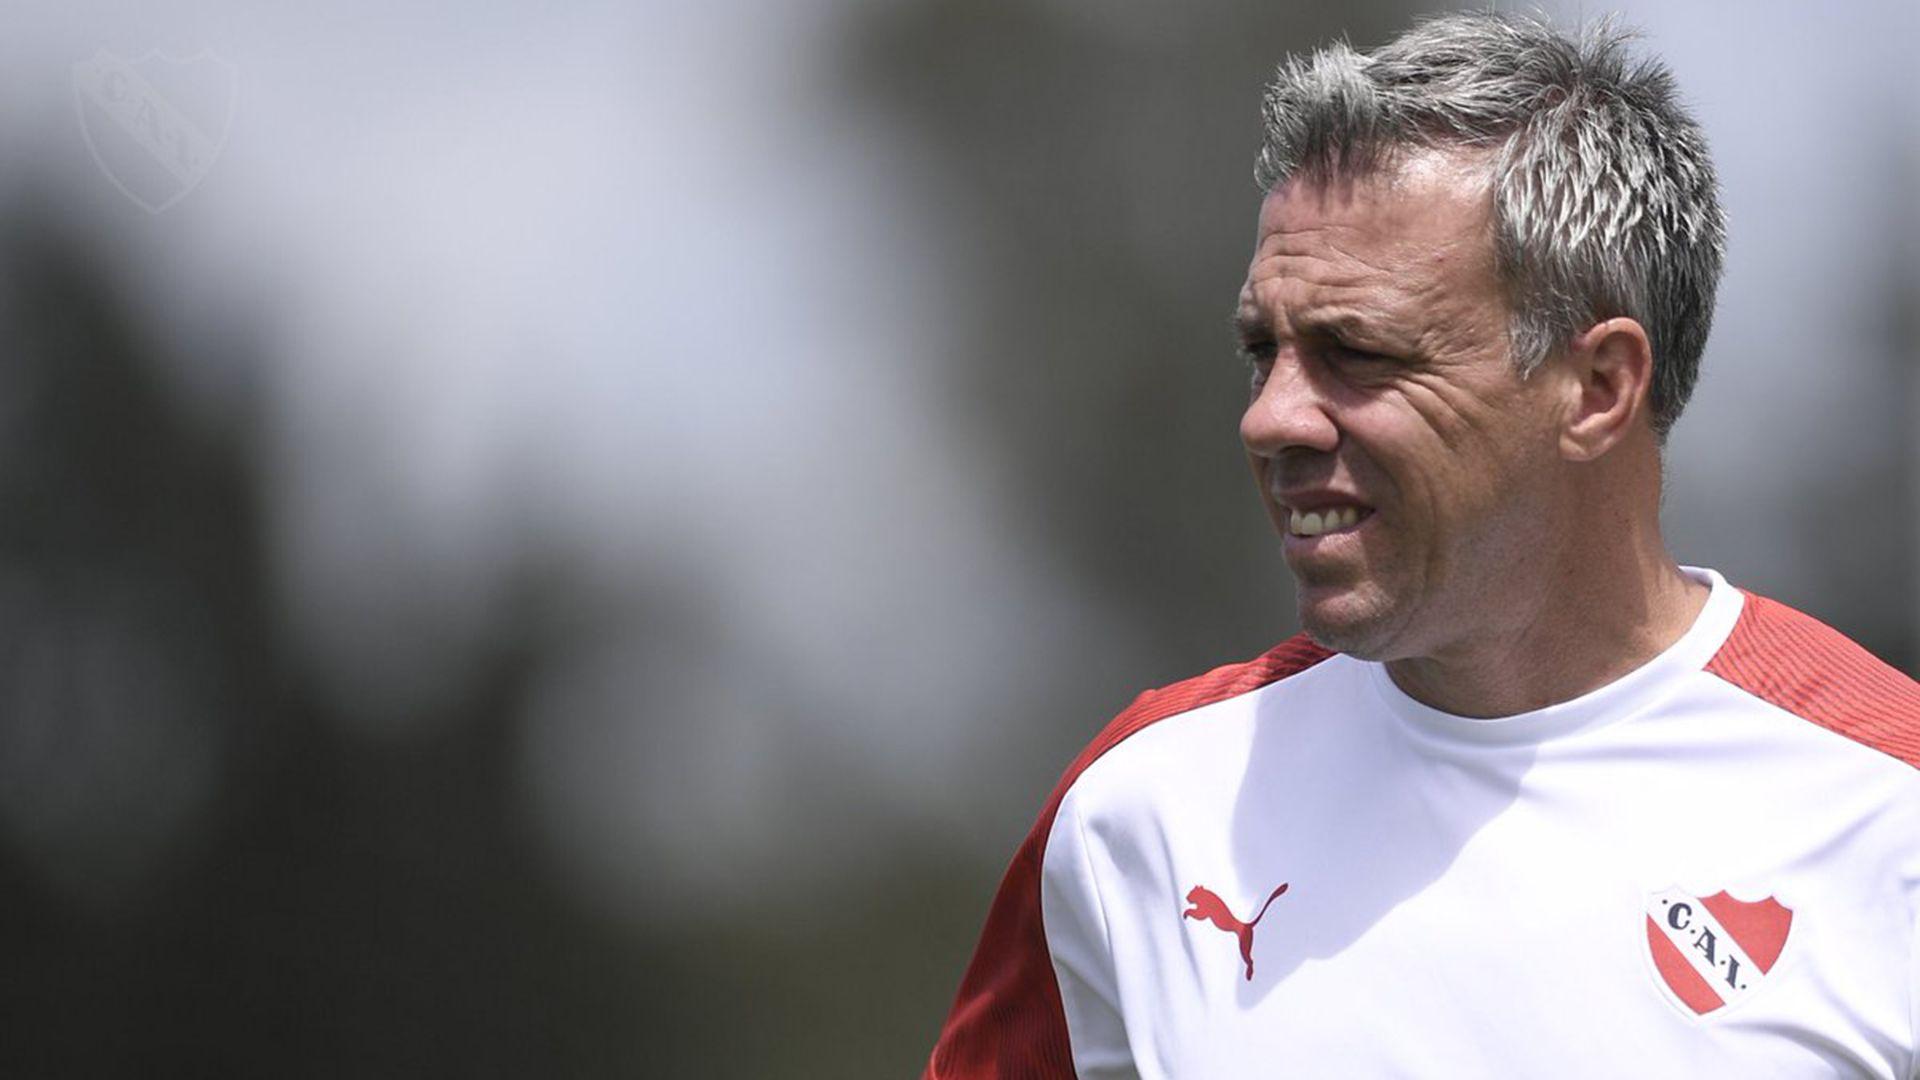 Pusineri comienza a armar la base para levantar el rendimiento (@Independiente)